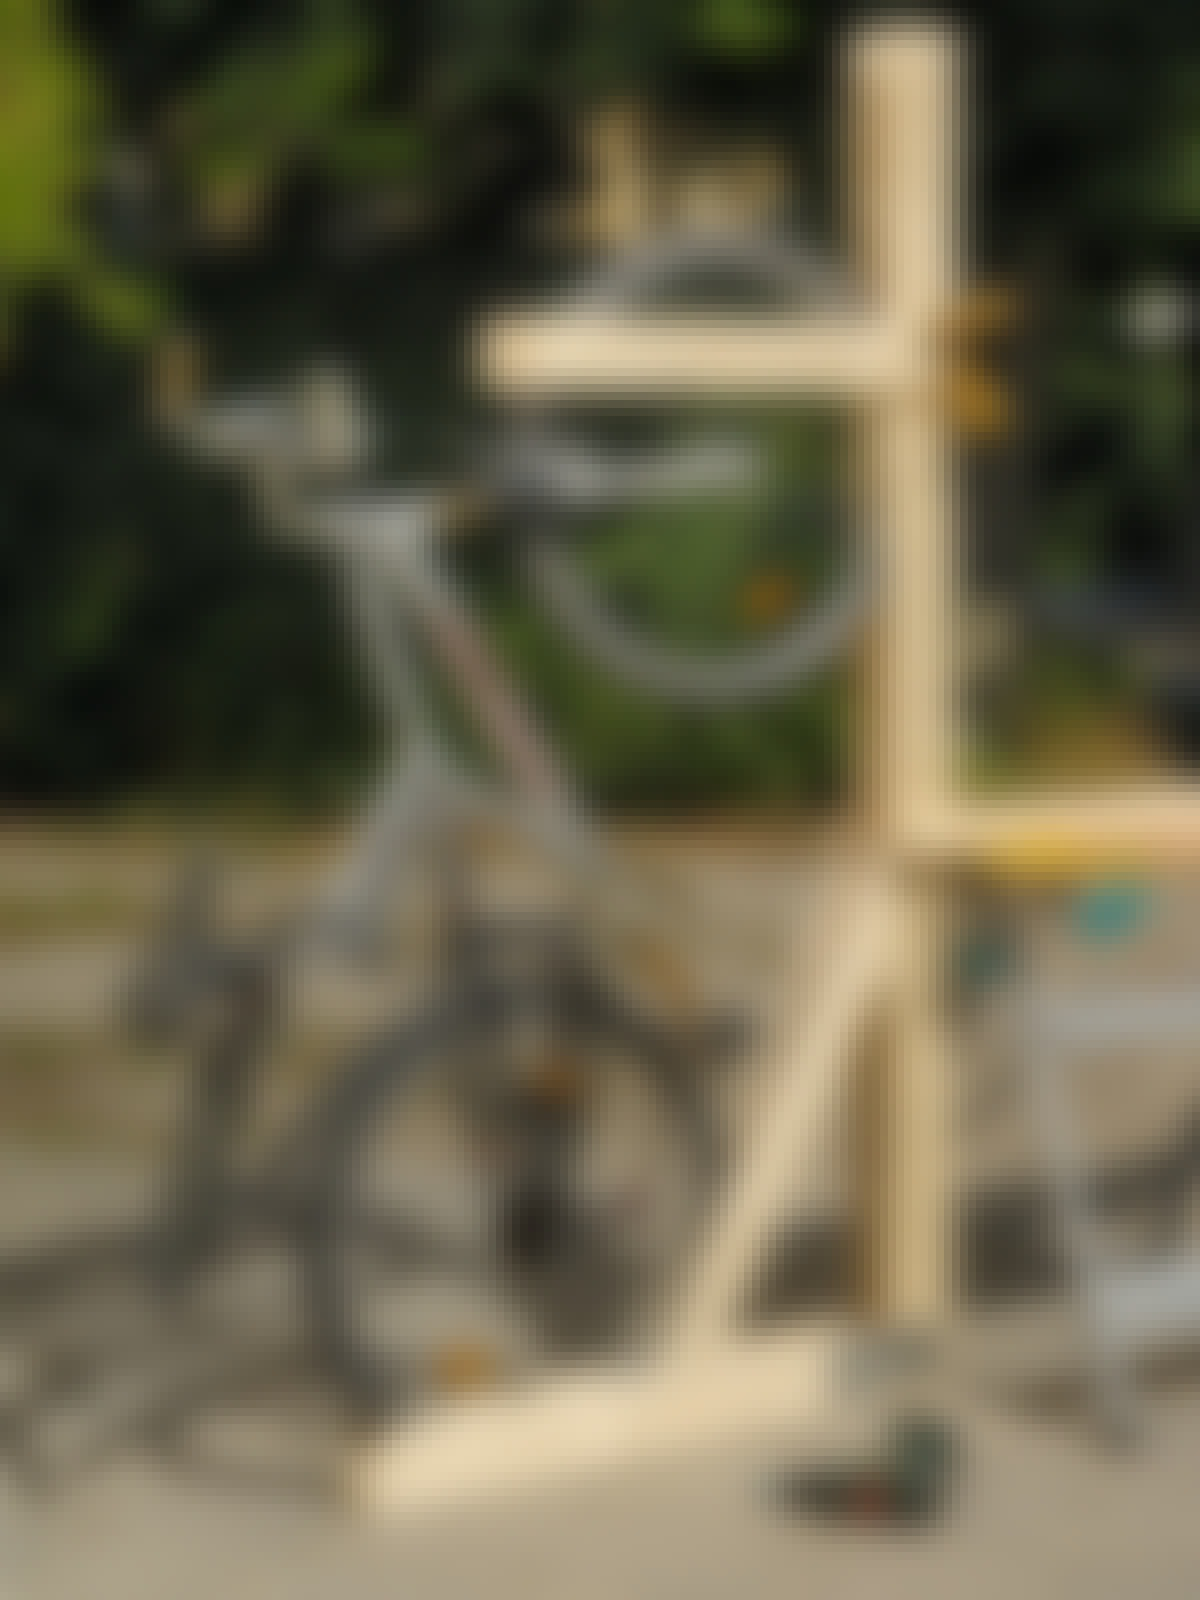 """Sidorna är dubbla och ger därför stöd på bägge sidor av cykelns bakhjul."""""""